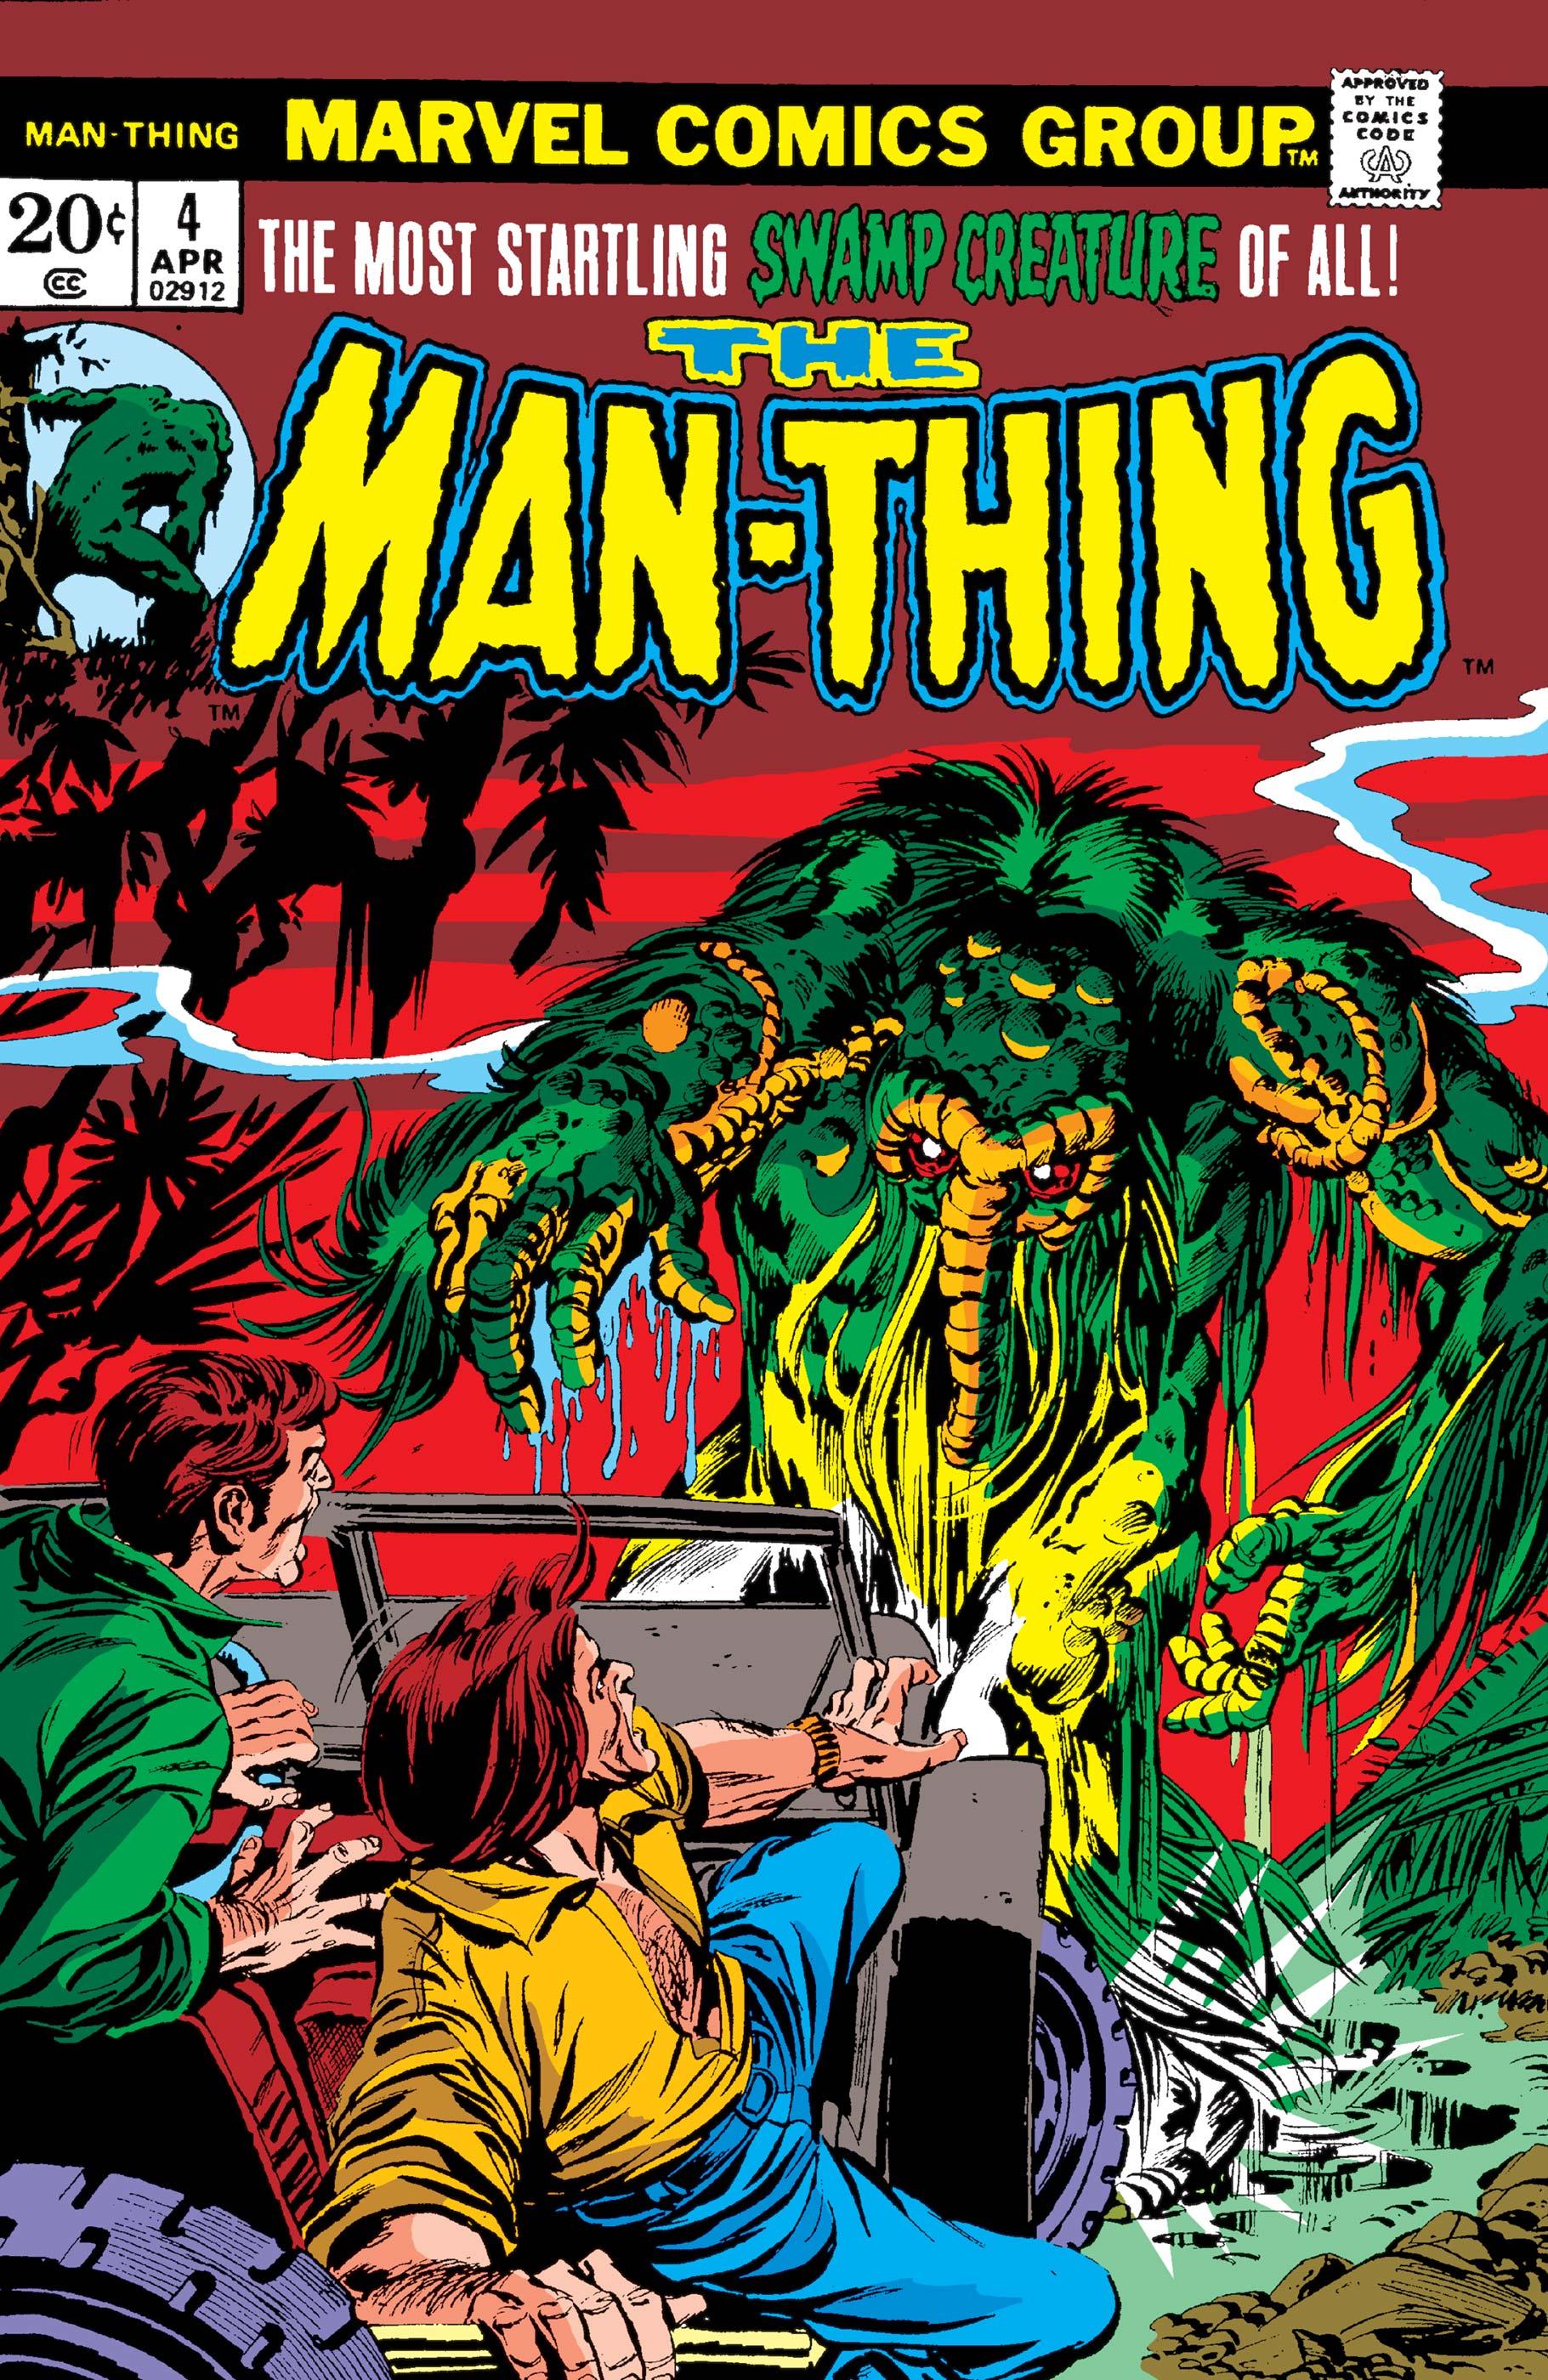 Man-Thing (1974) #4